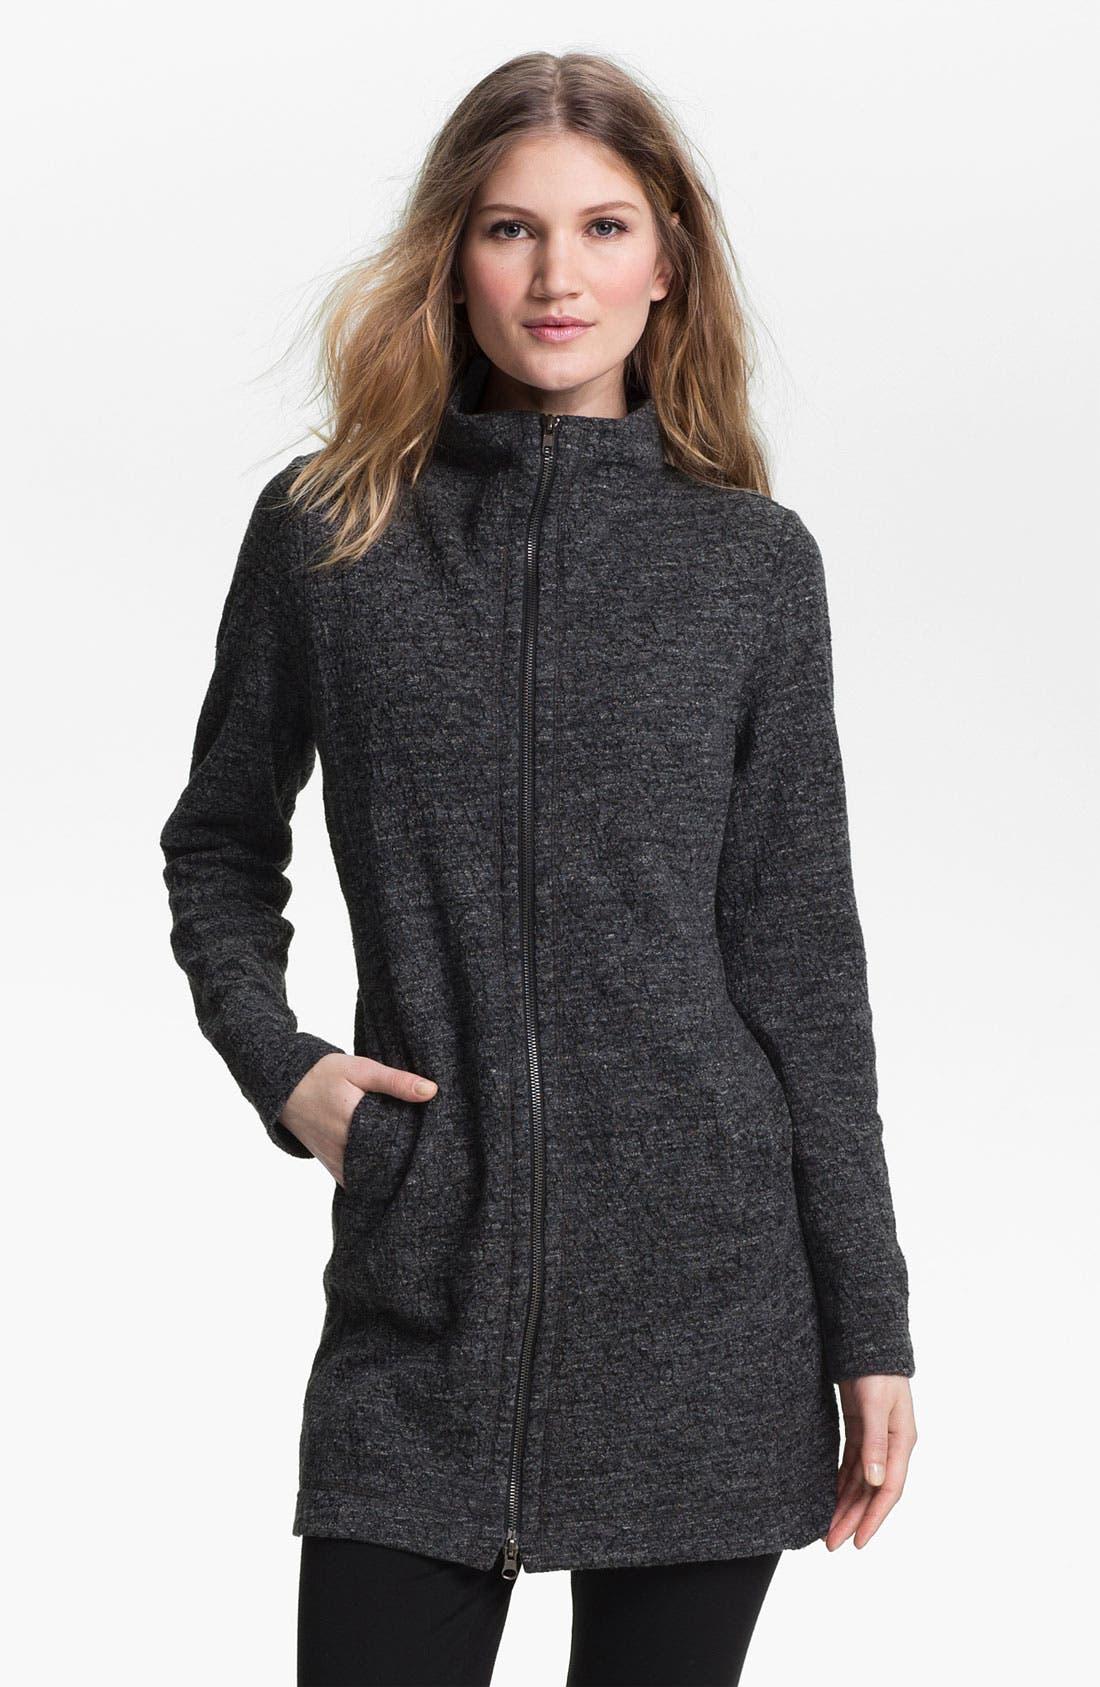 Main Image - Eileen Fisher Funnel Neck Zip Jacket (Online Exclusive)